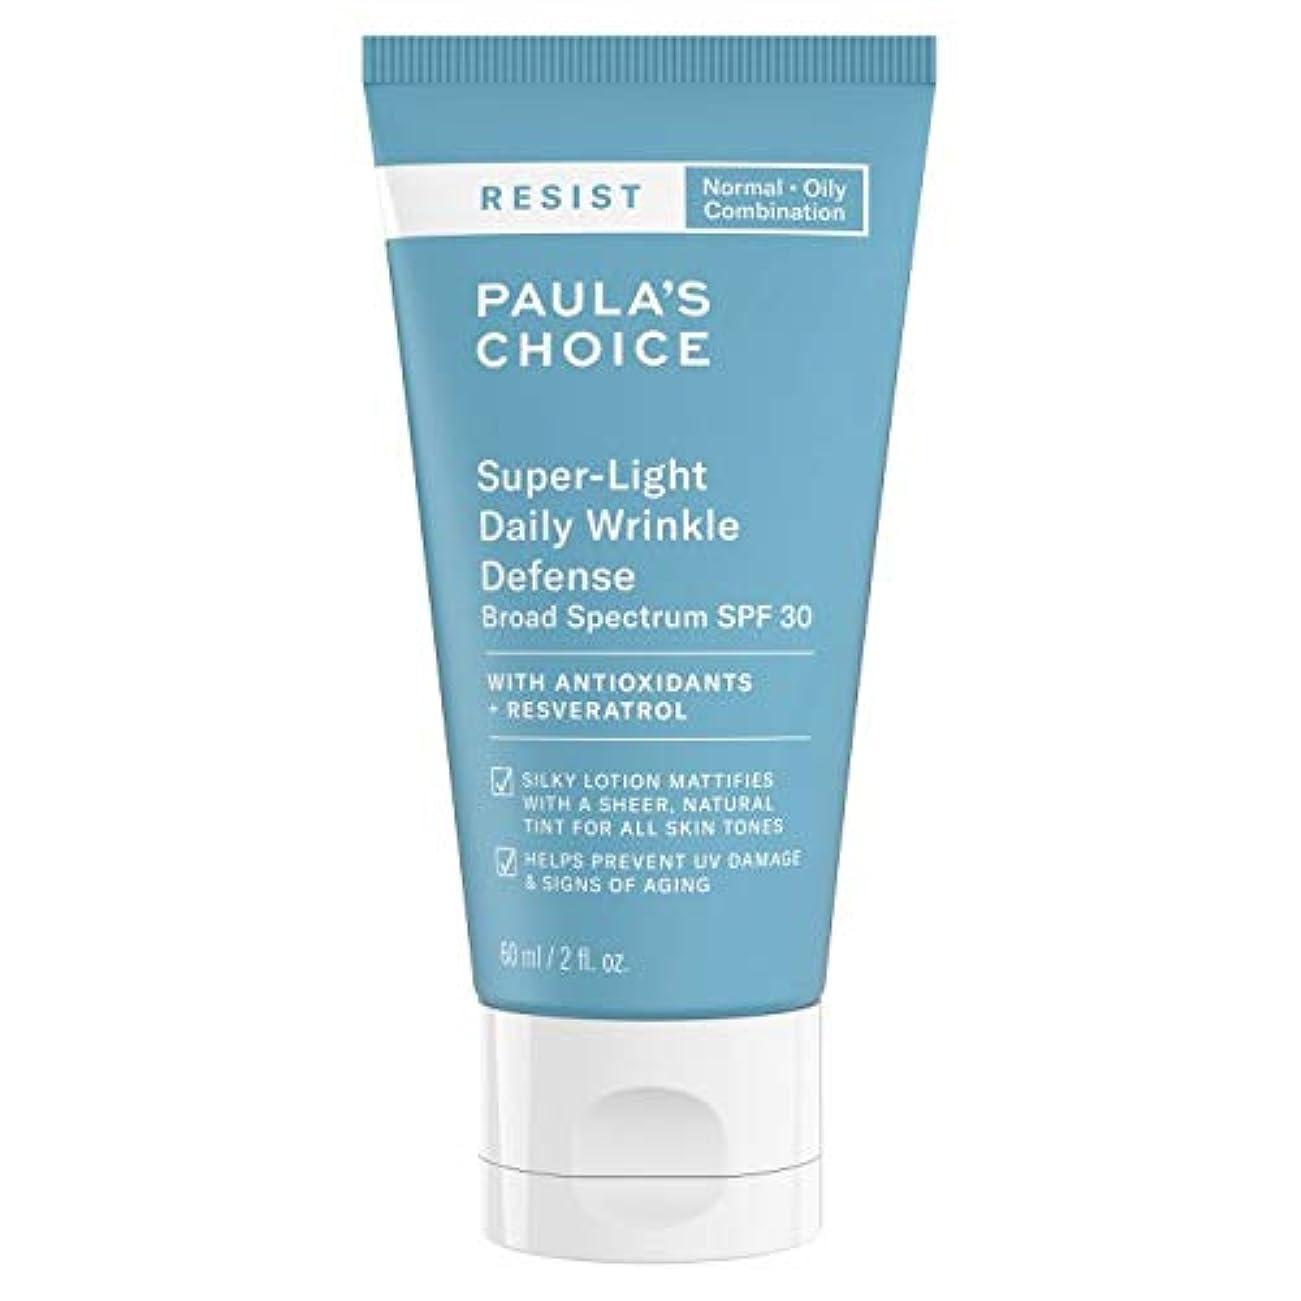 ヶ月目アイドル遺体安置所ポーラチョイス レジスト スーパーライト 毎日のしわの防衛 サンスクリーン (60ml) SPF30 / Paula's Choice Resist Super-Light Daily Wrinkle Defense Sunscreen